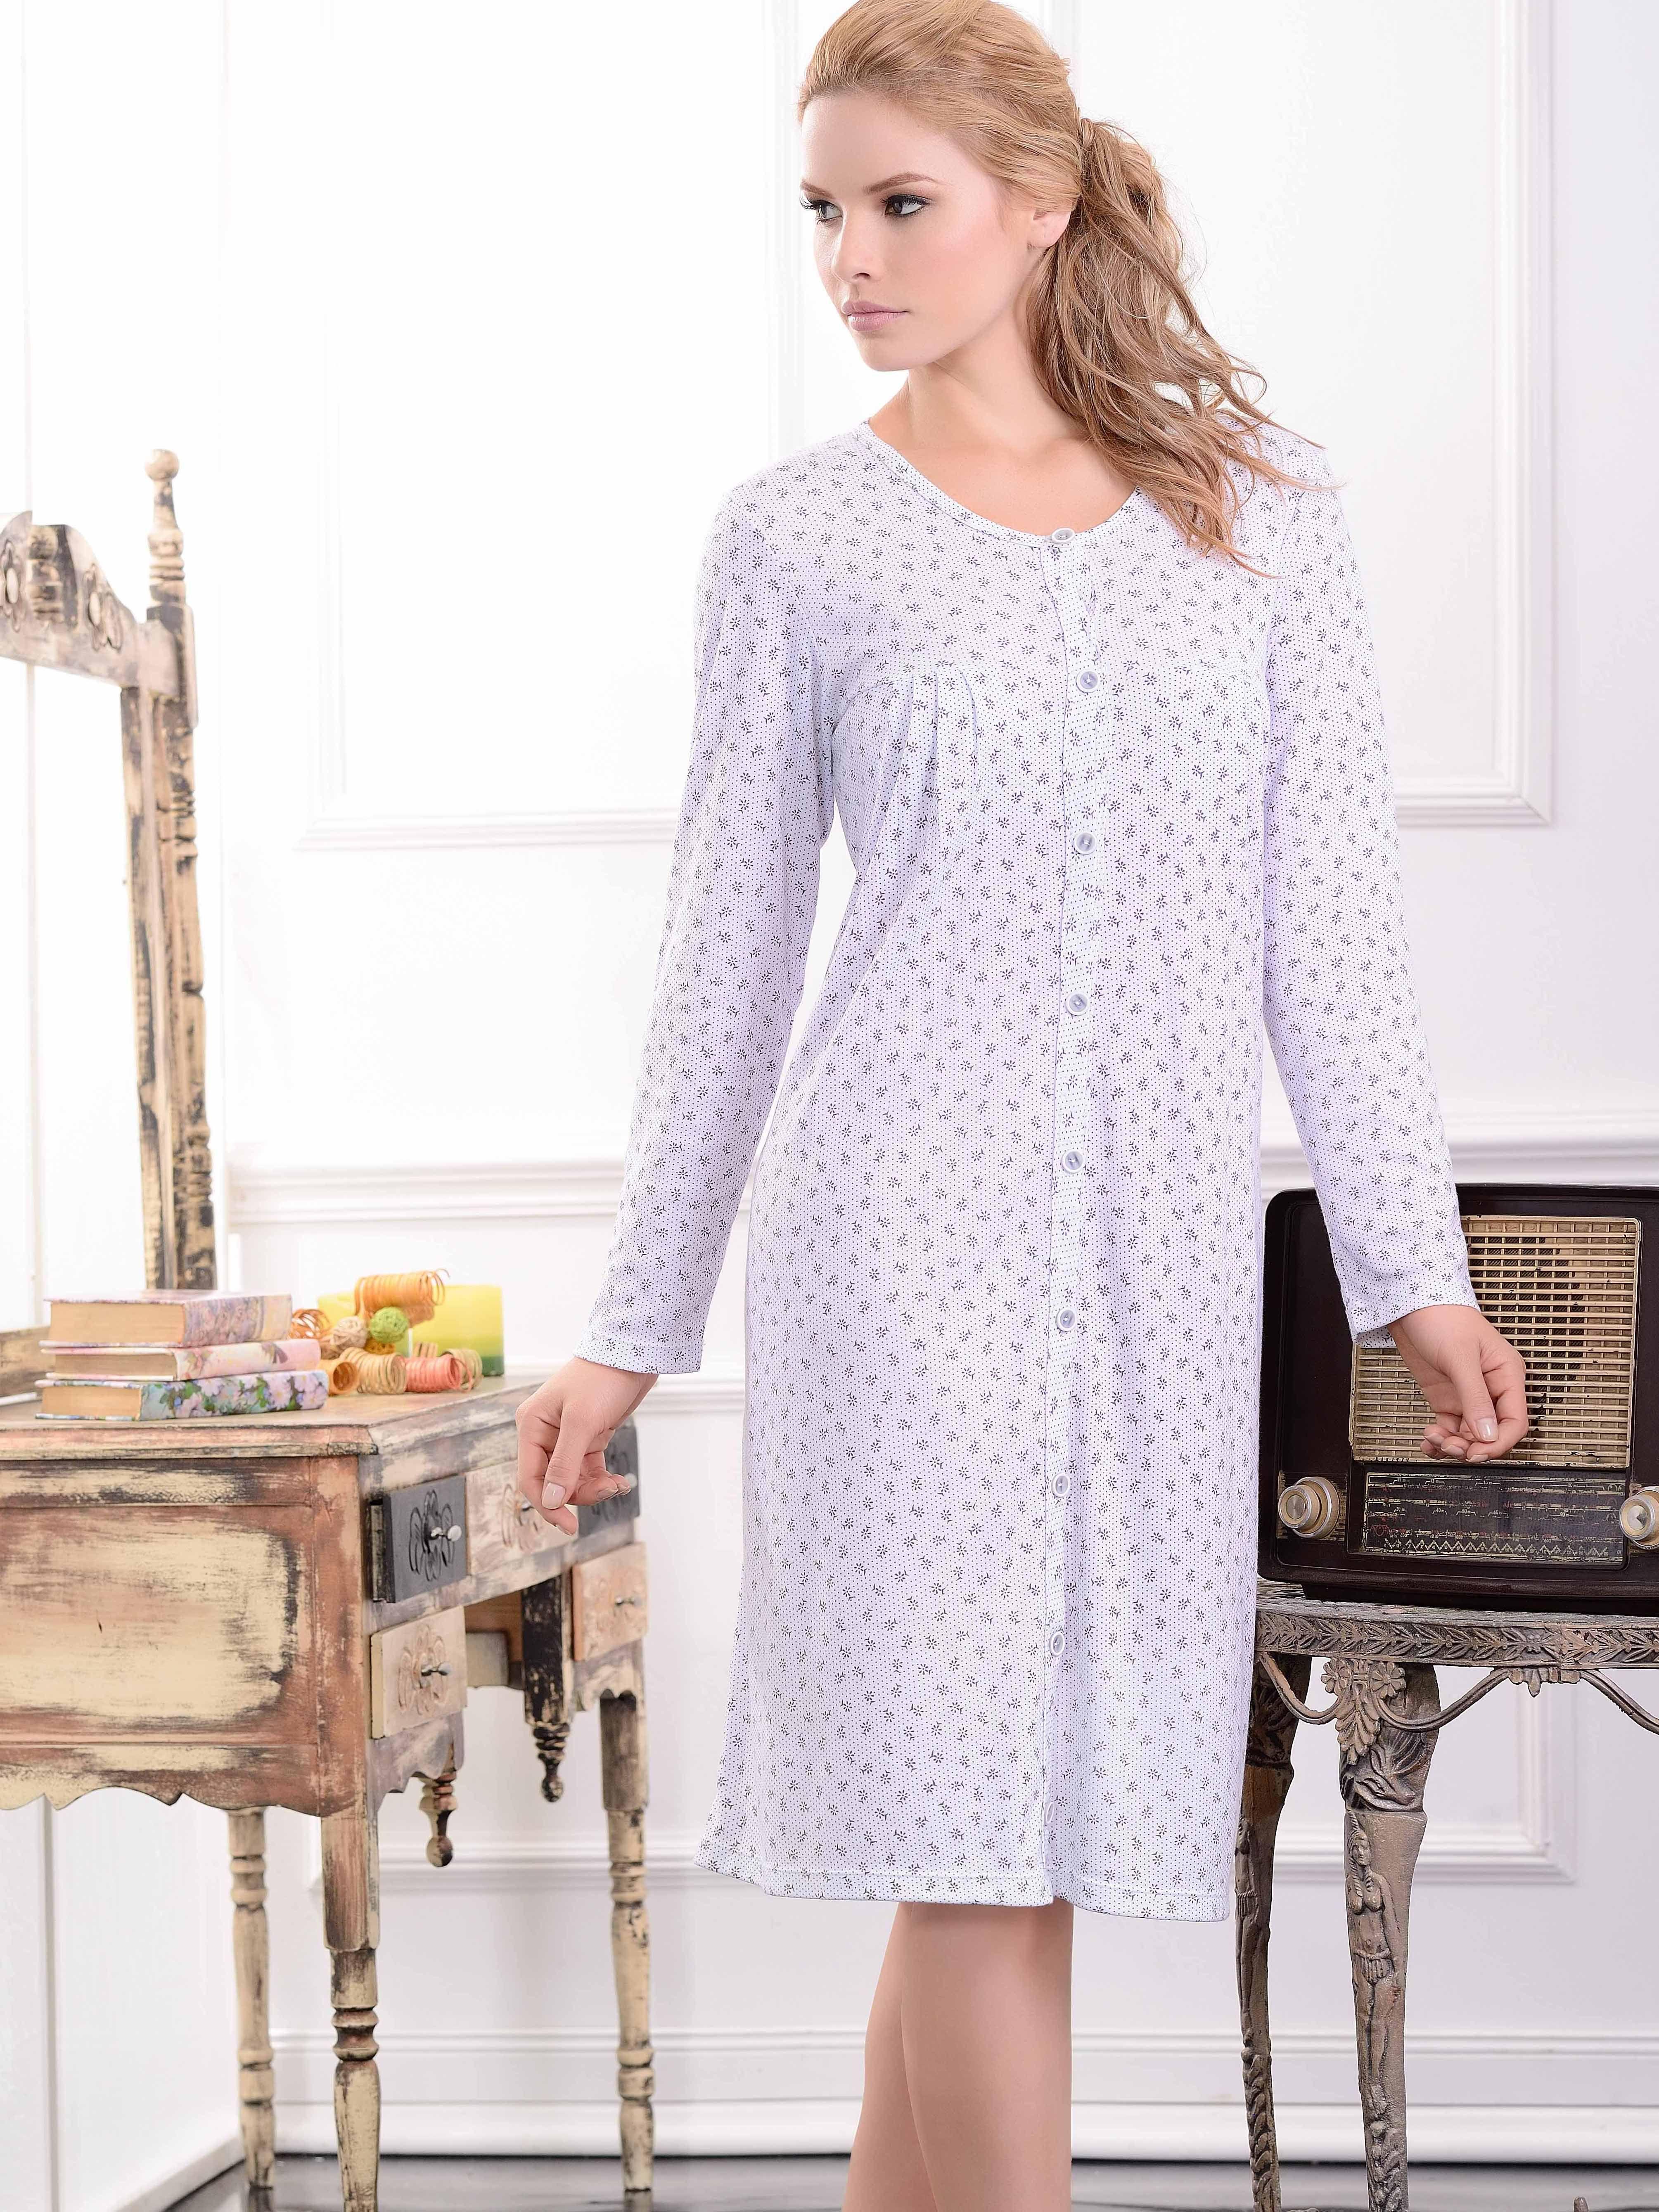 2e4e9b50b Batola   Sleepdress   32940 Confortable pijama con delicado y romántico  estampado. Tiene prácticos bolsillos y botones frontales Tallas   Sizes   S  - M - L ...